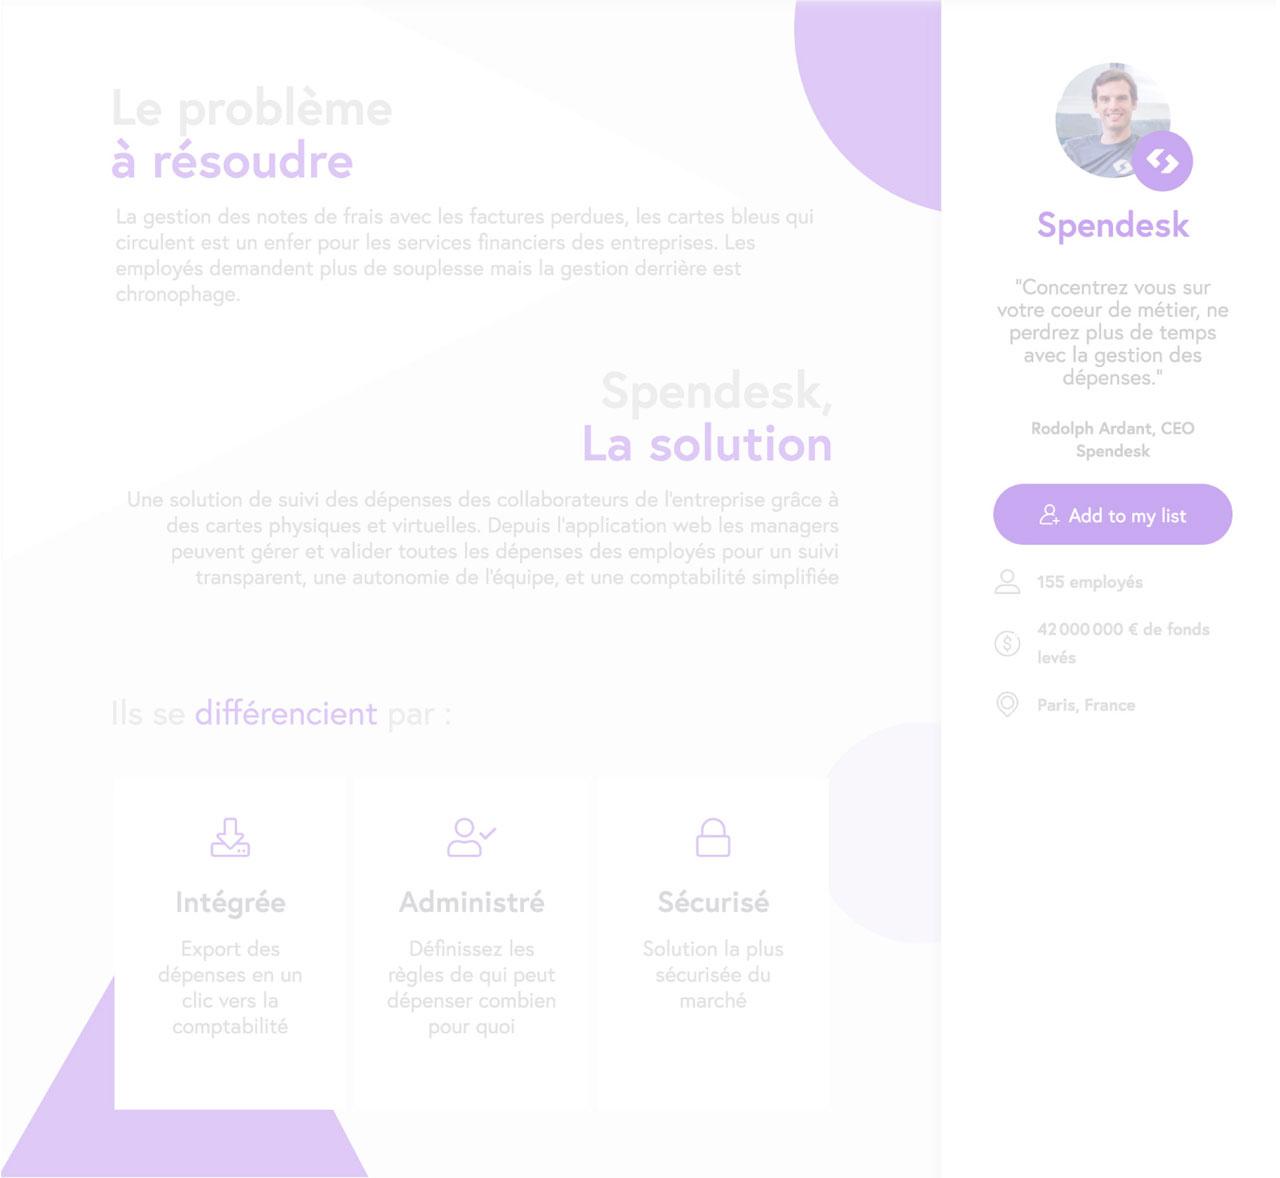 description of the solution